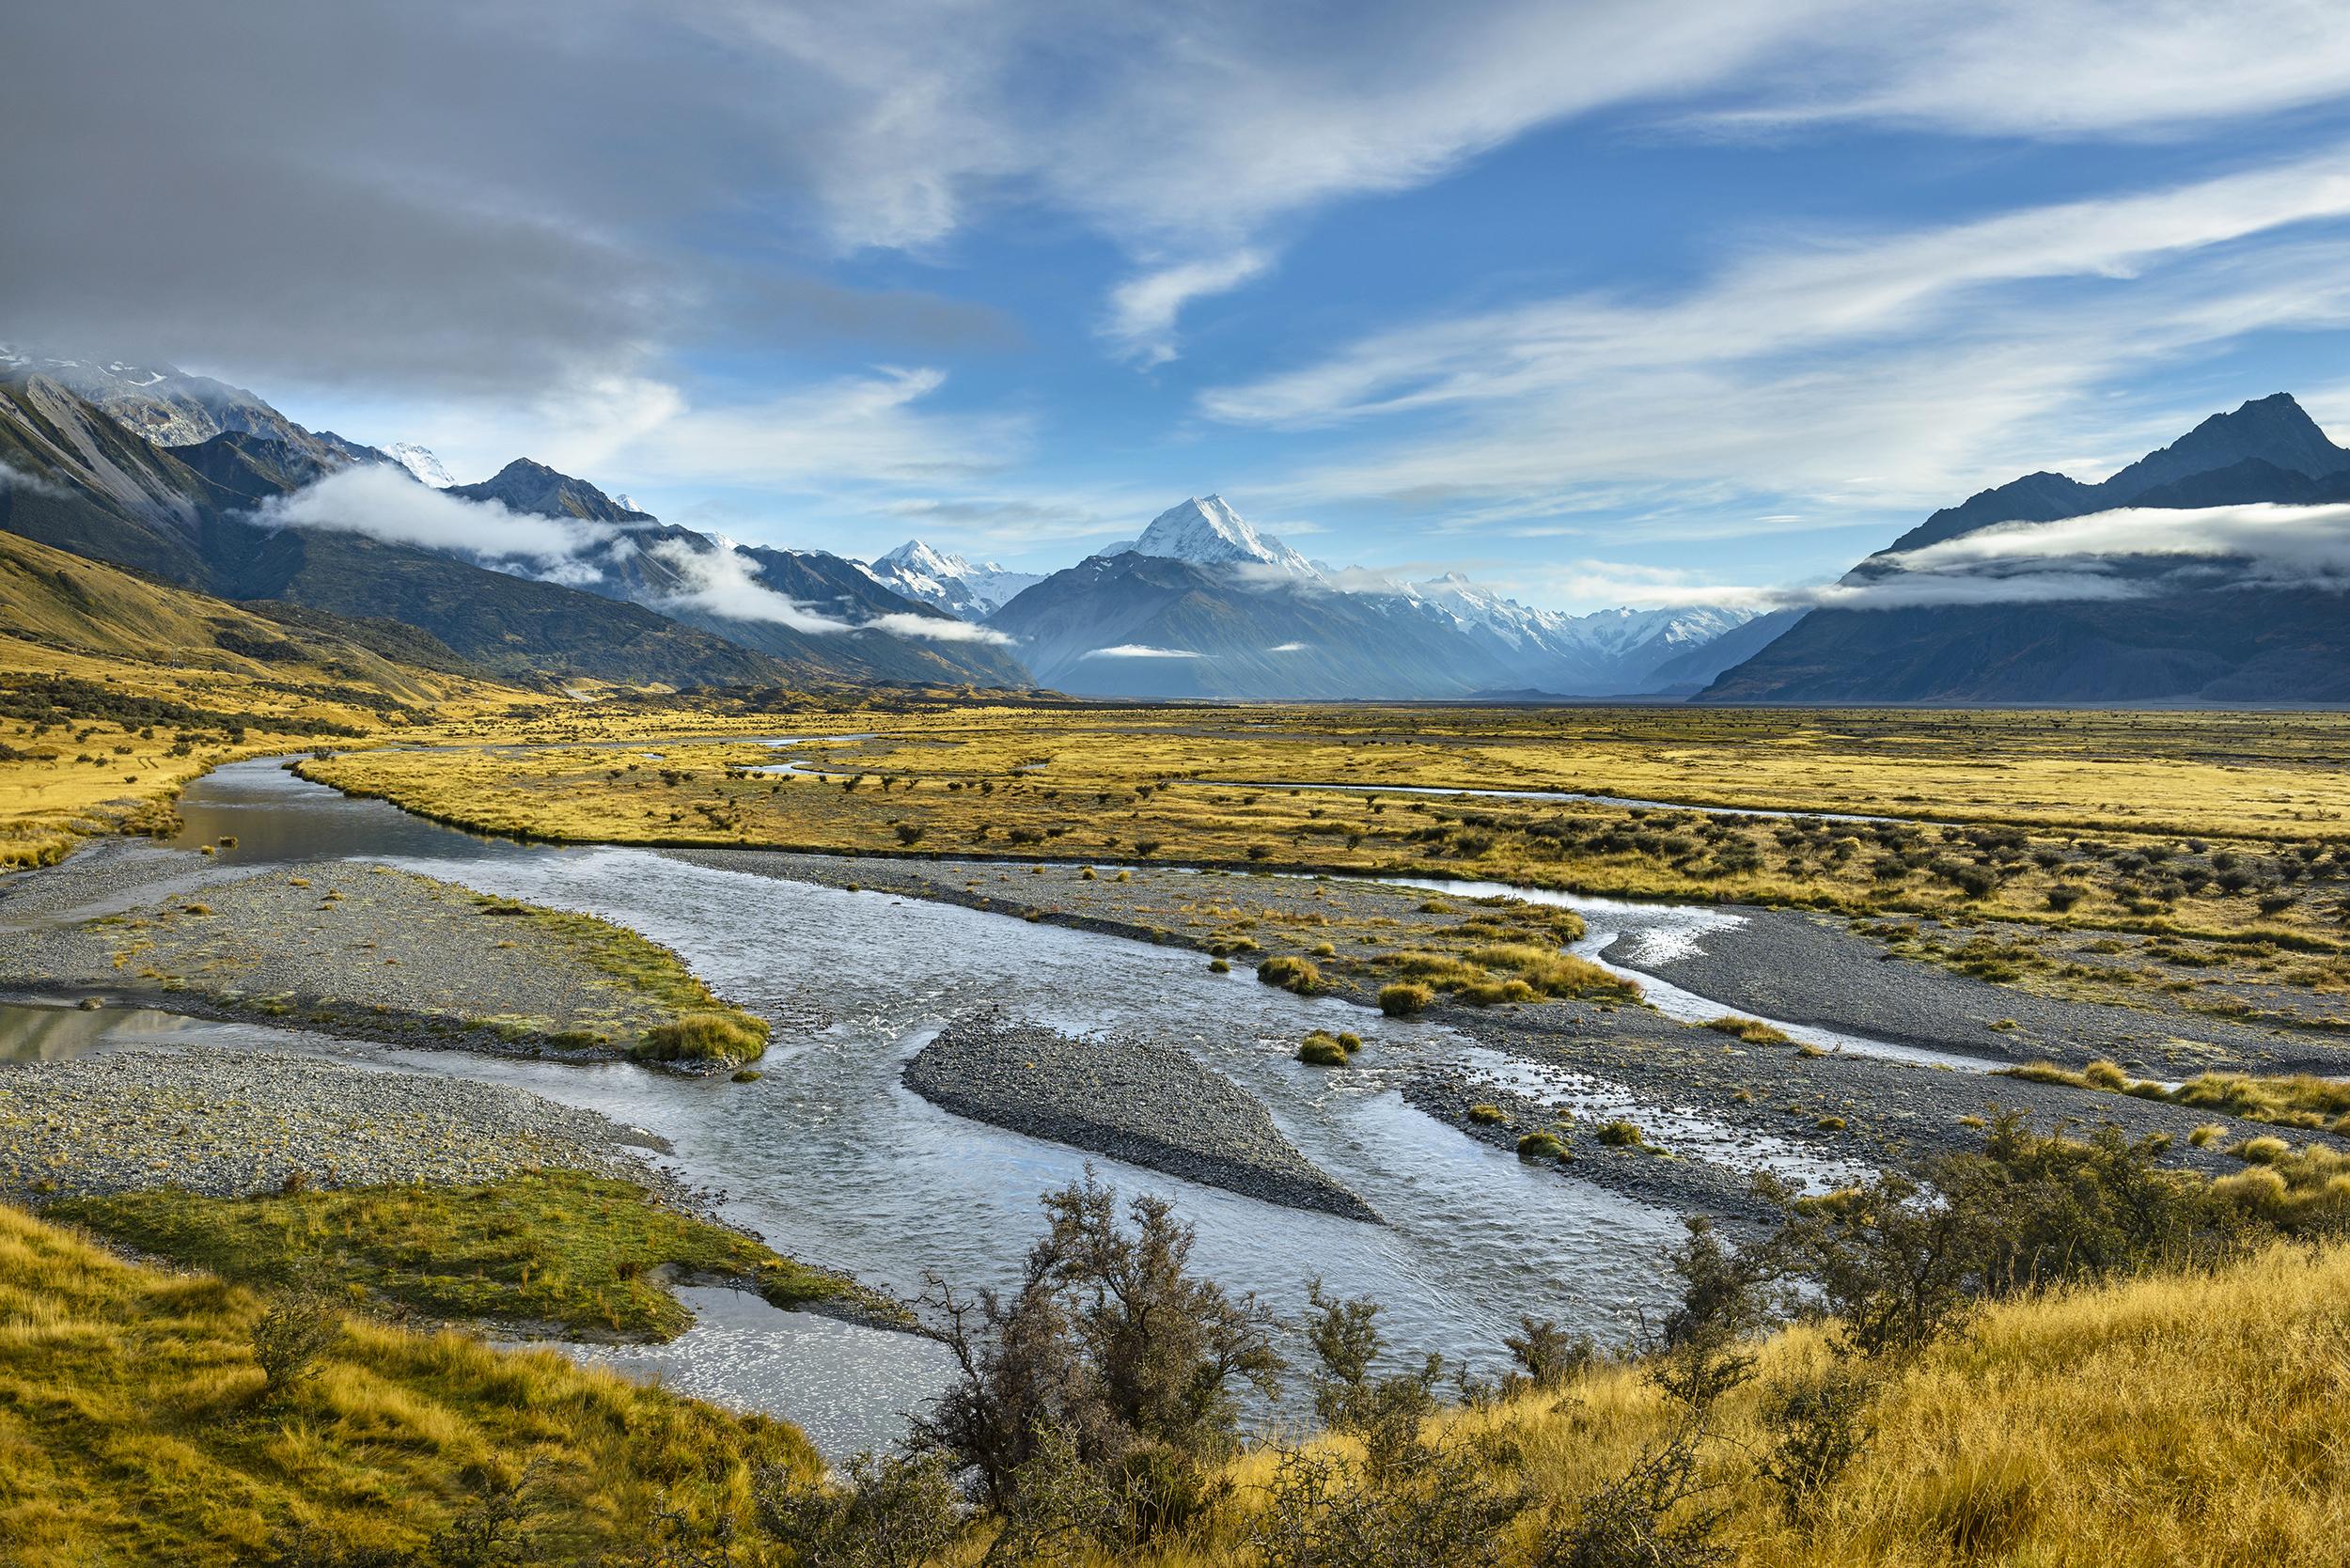 Aoraki/Mt Cook and the Tasman River